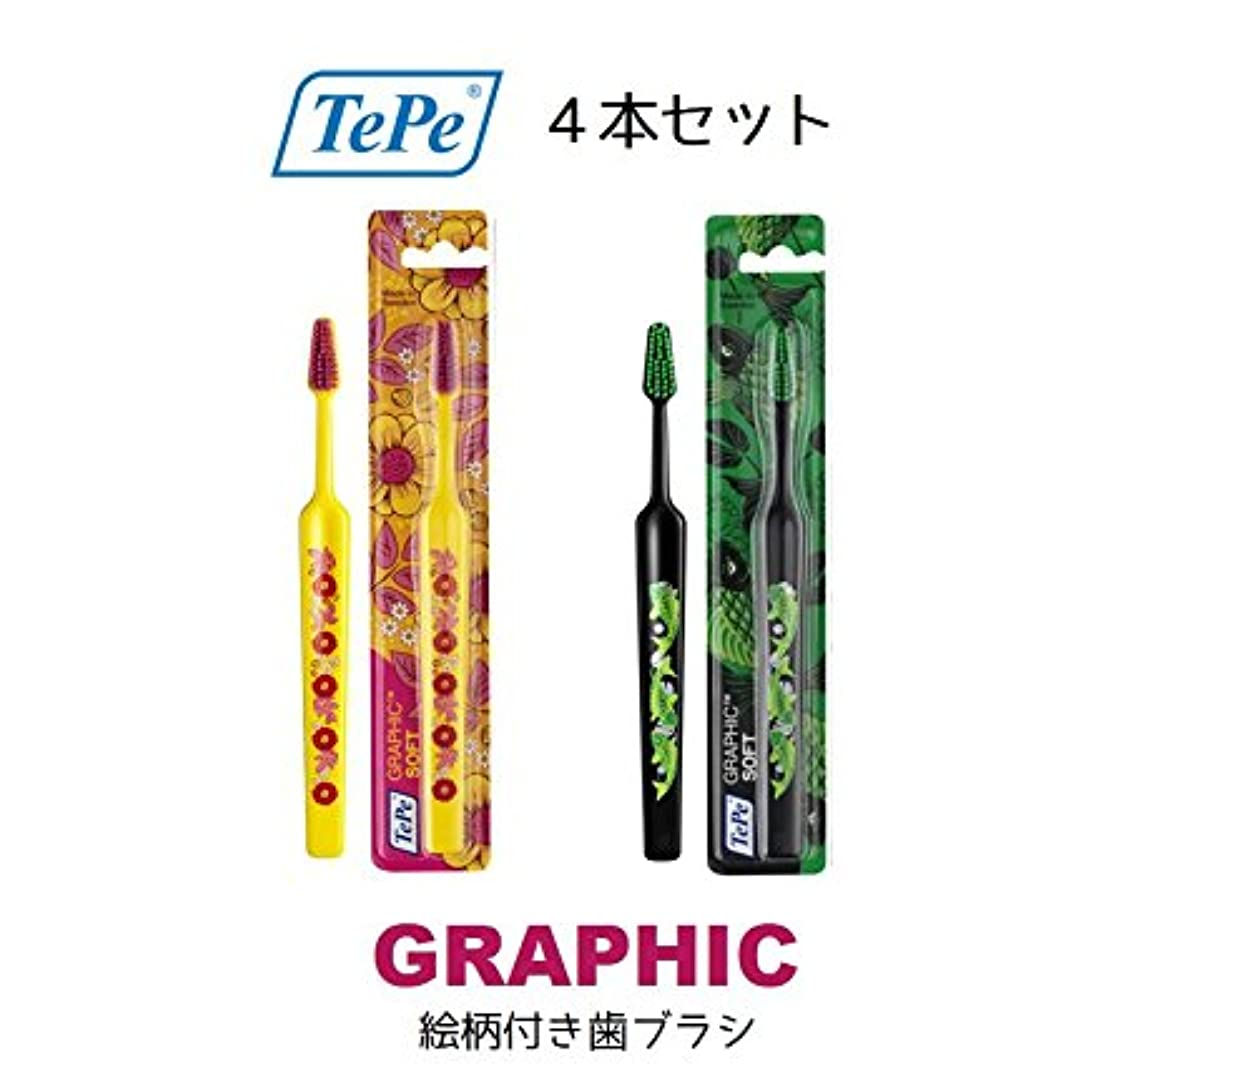 ドラッグ牛肉薬を飲むテペ グラフィック ソフト 4本セット TePe Graphic soft (イエロー・ピンクとブラックグリーンのミックス)